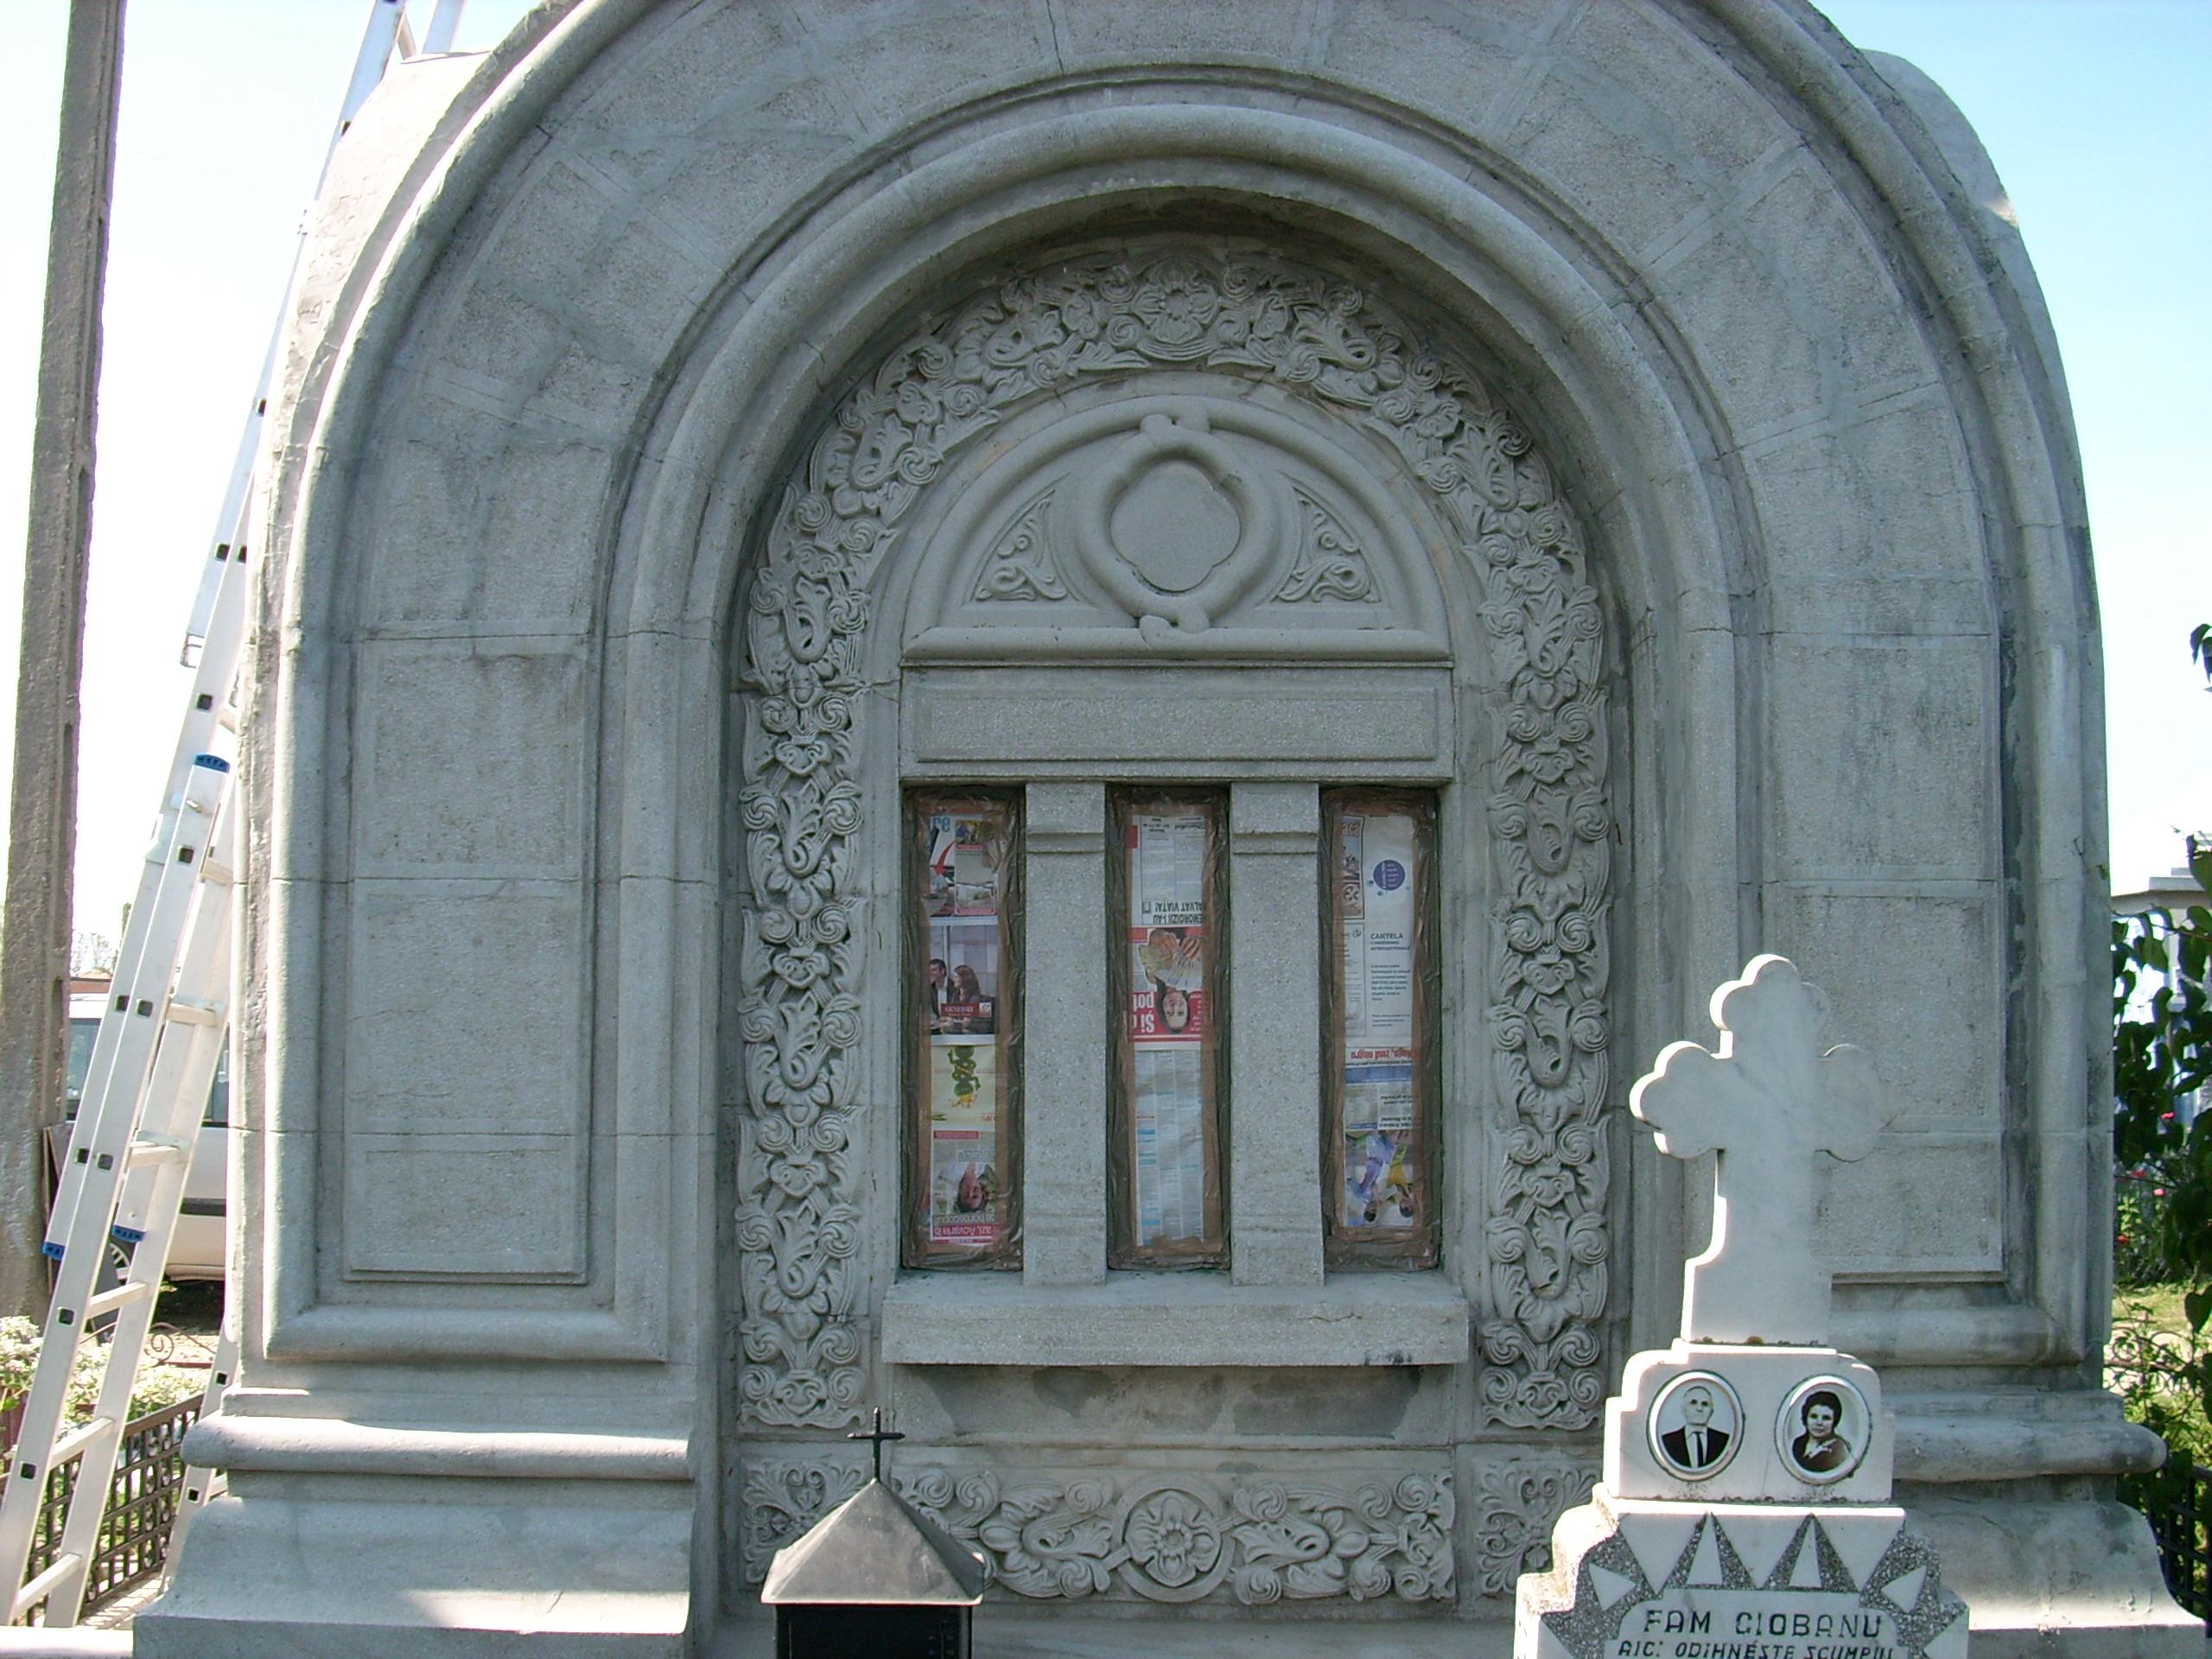 Aplicarea tratamentelor de impermeabilizare - Monument funerar UNICO PROFIT - Poza 17